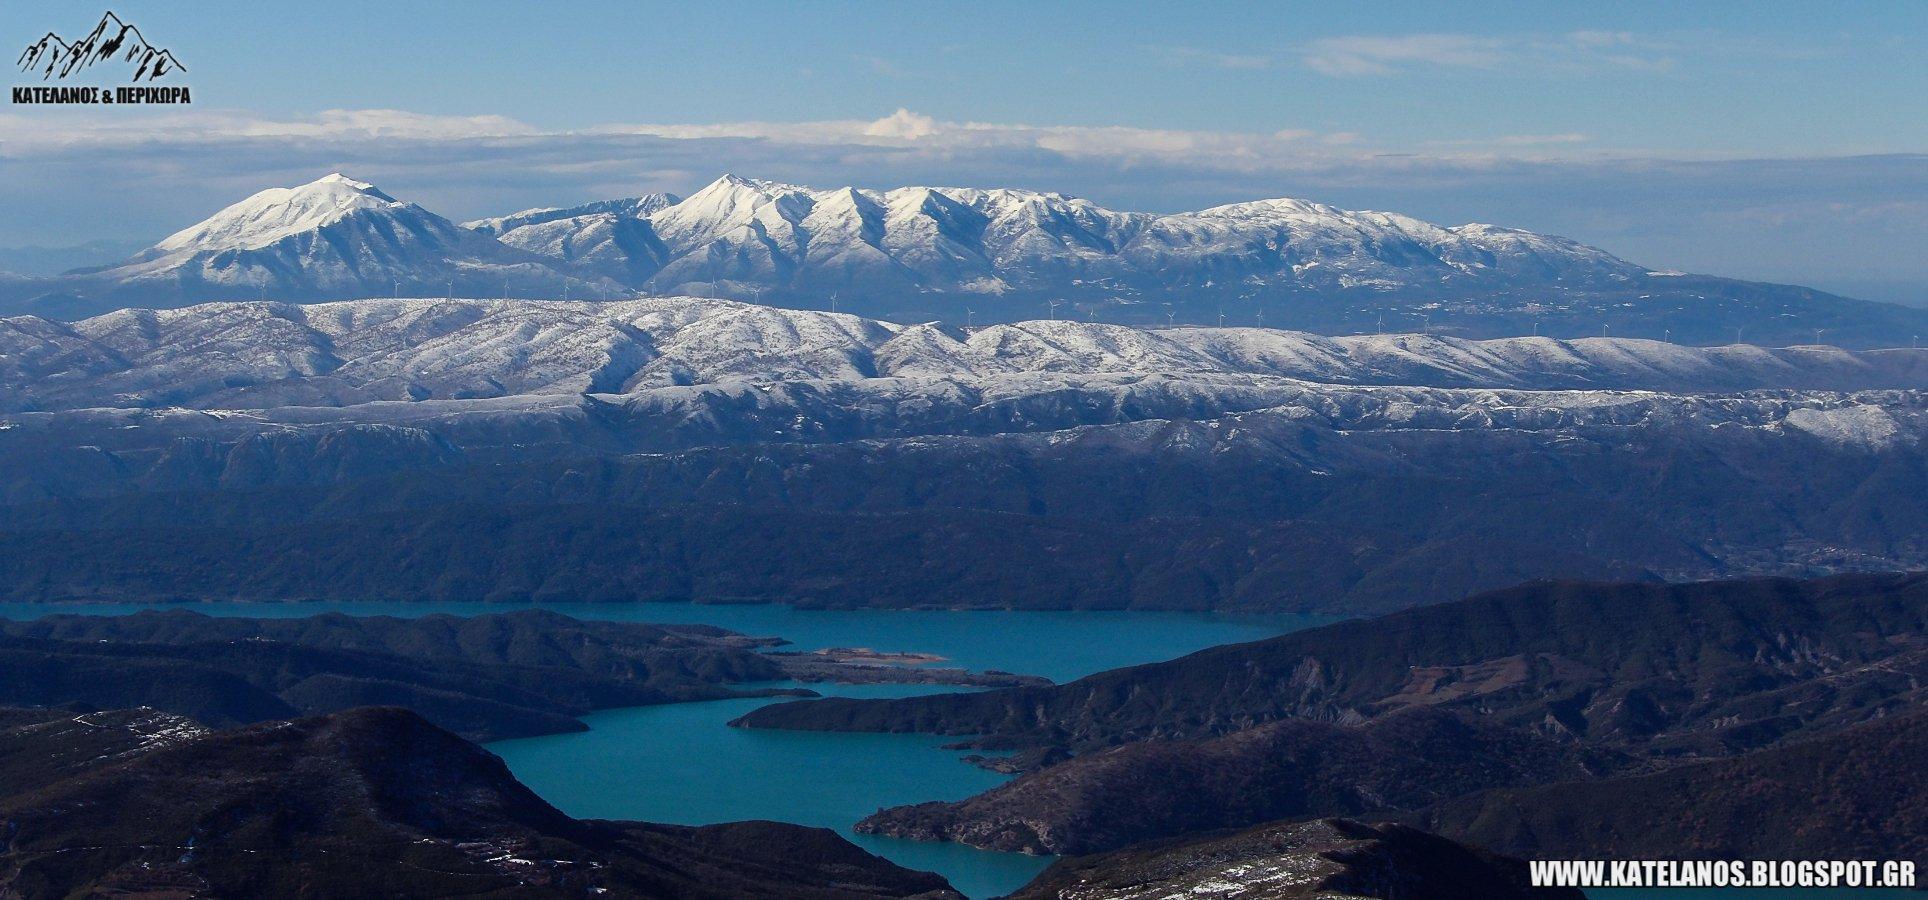 τεχνητη λιμνη καστρακίου αιτωλοακαρνανια βουνα ακαρνανικα ορη